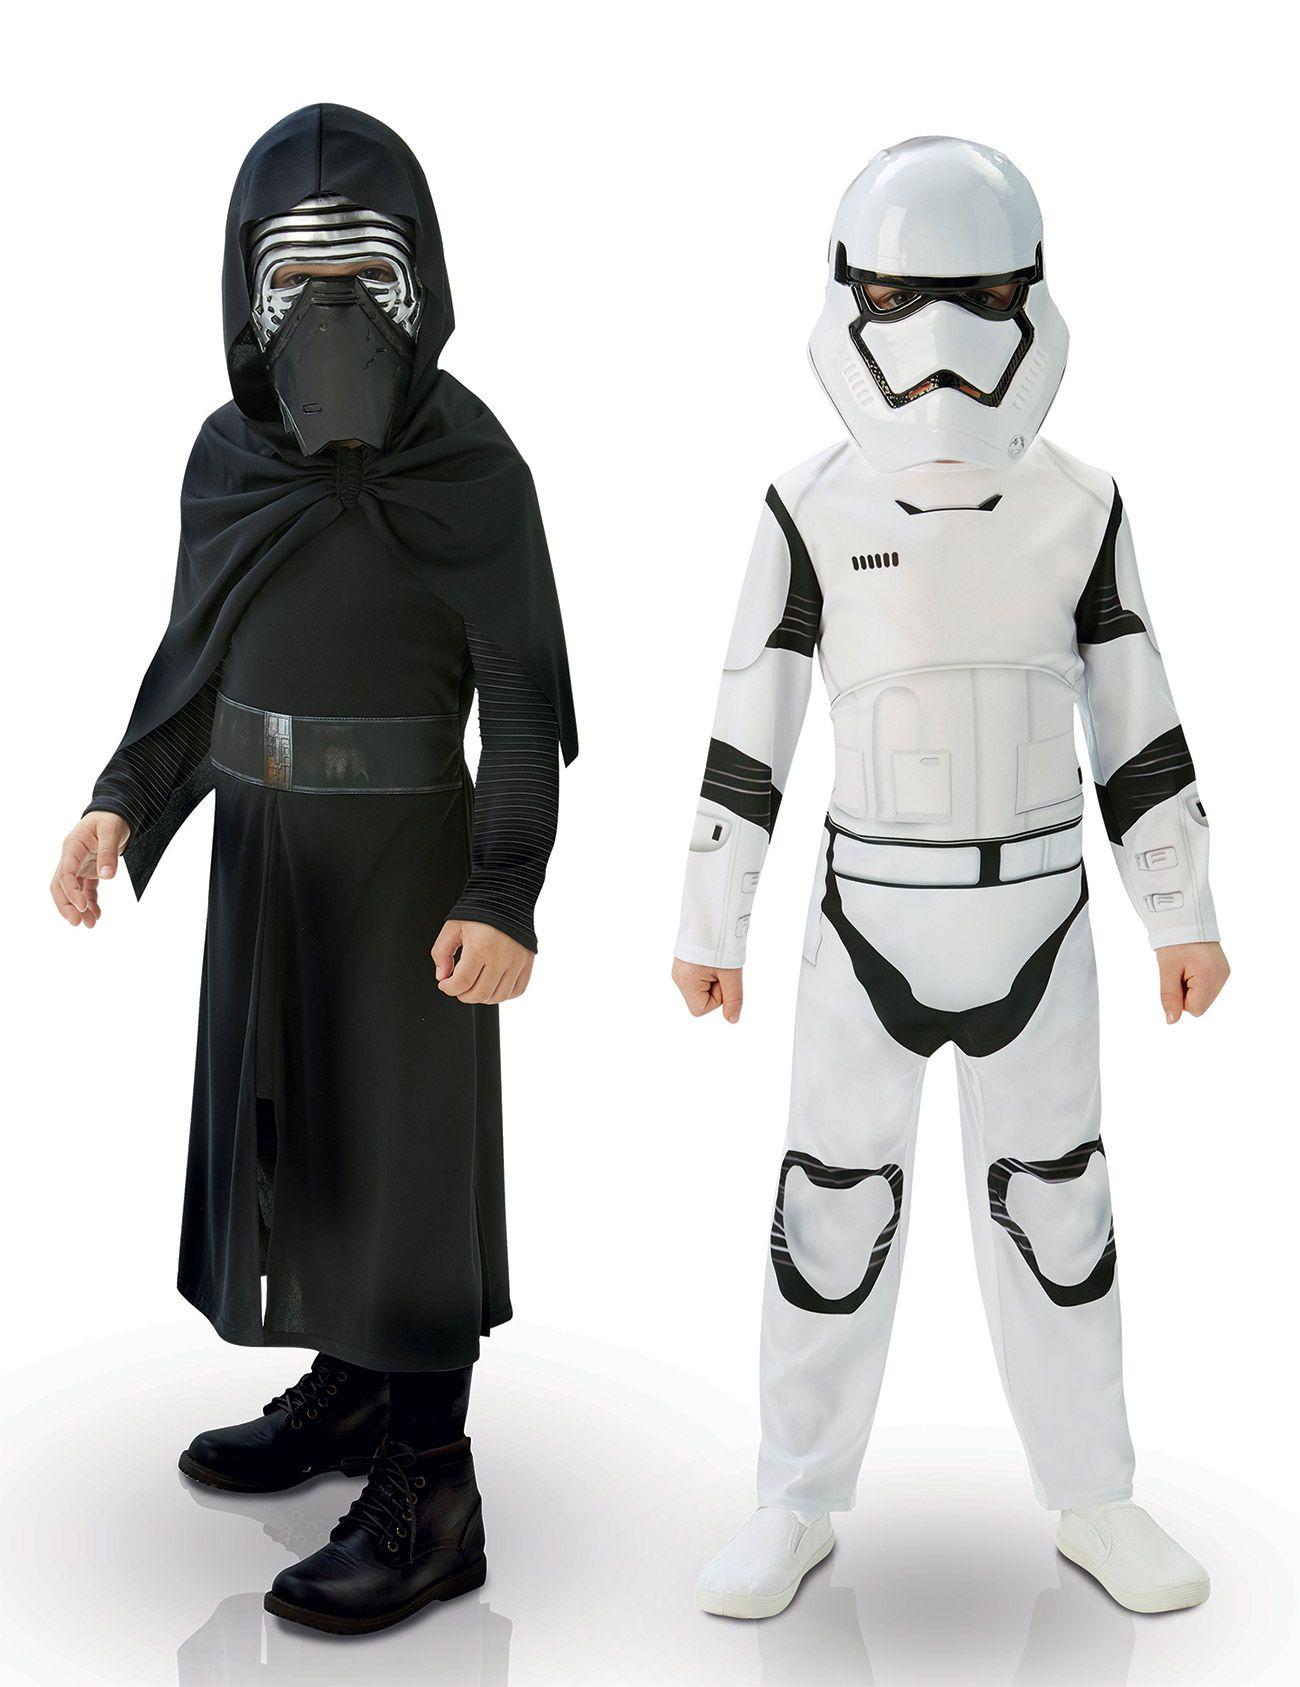 Kylo ren & stormtrooper star wars verkleidungen für kinder in schwarz und weiß